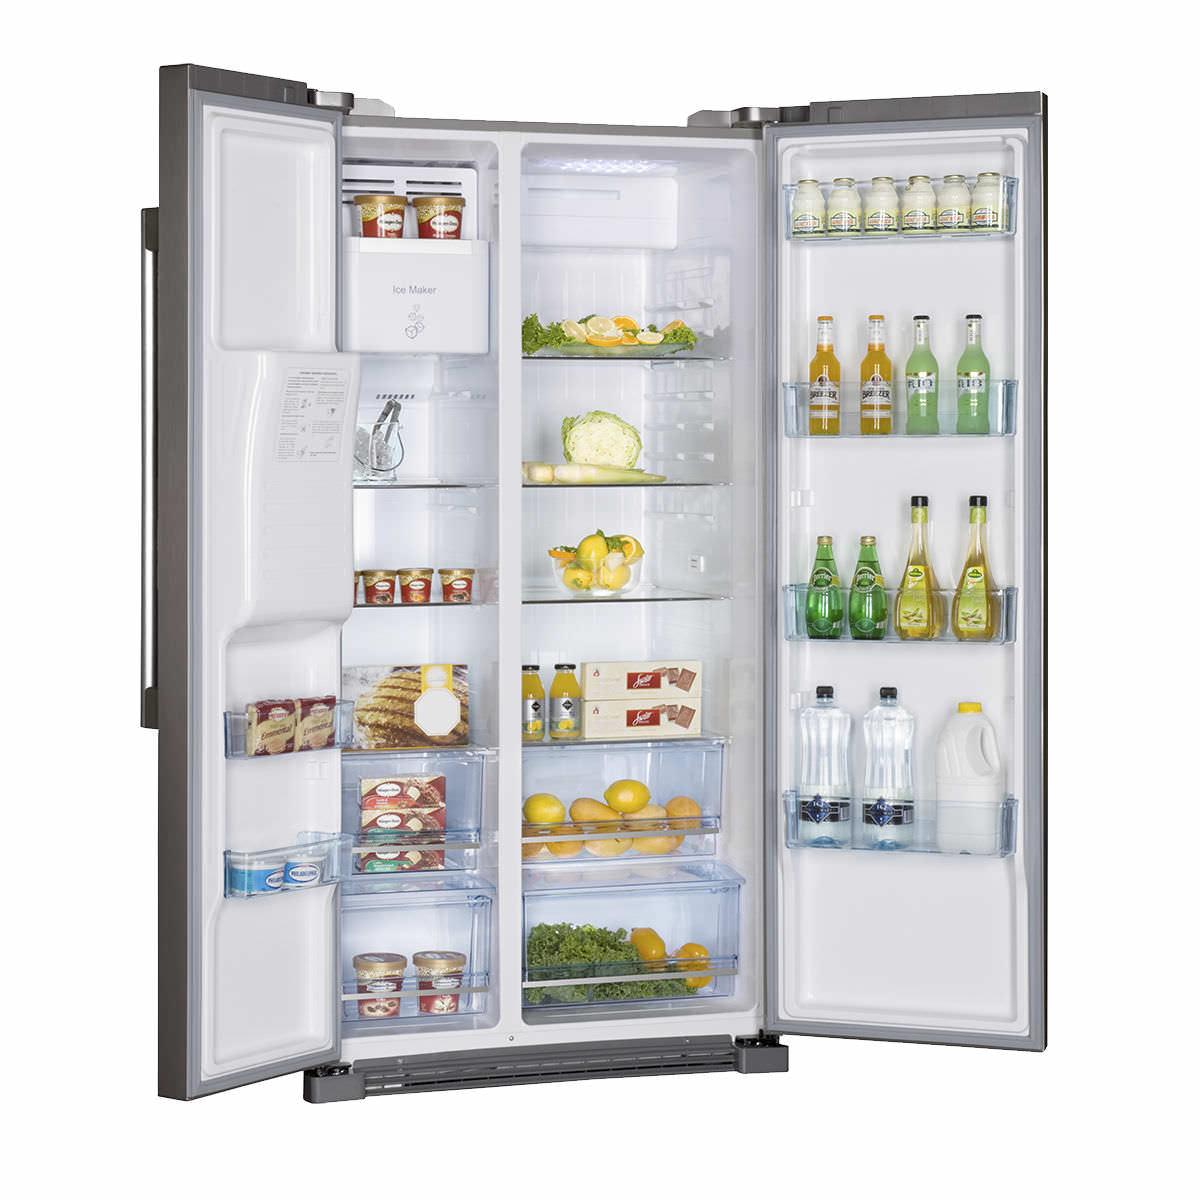 Amerikanisch-Kühlschrank / schwarz - HRF-628IF6 - Haier